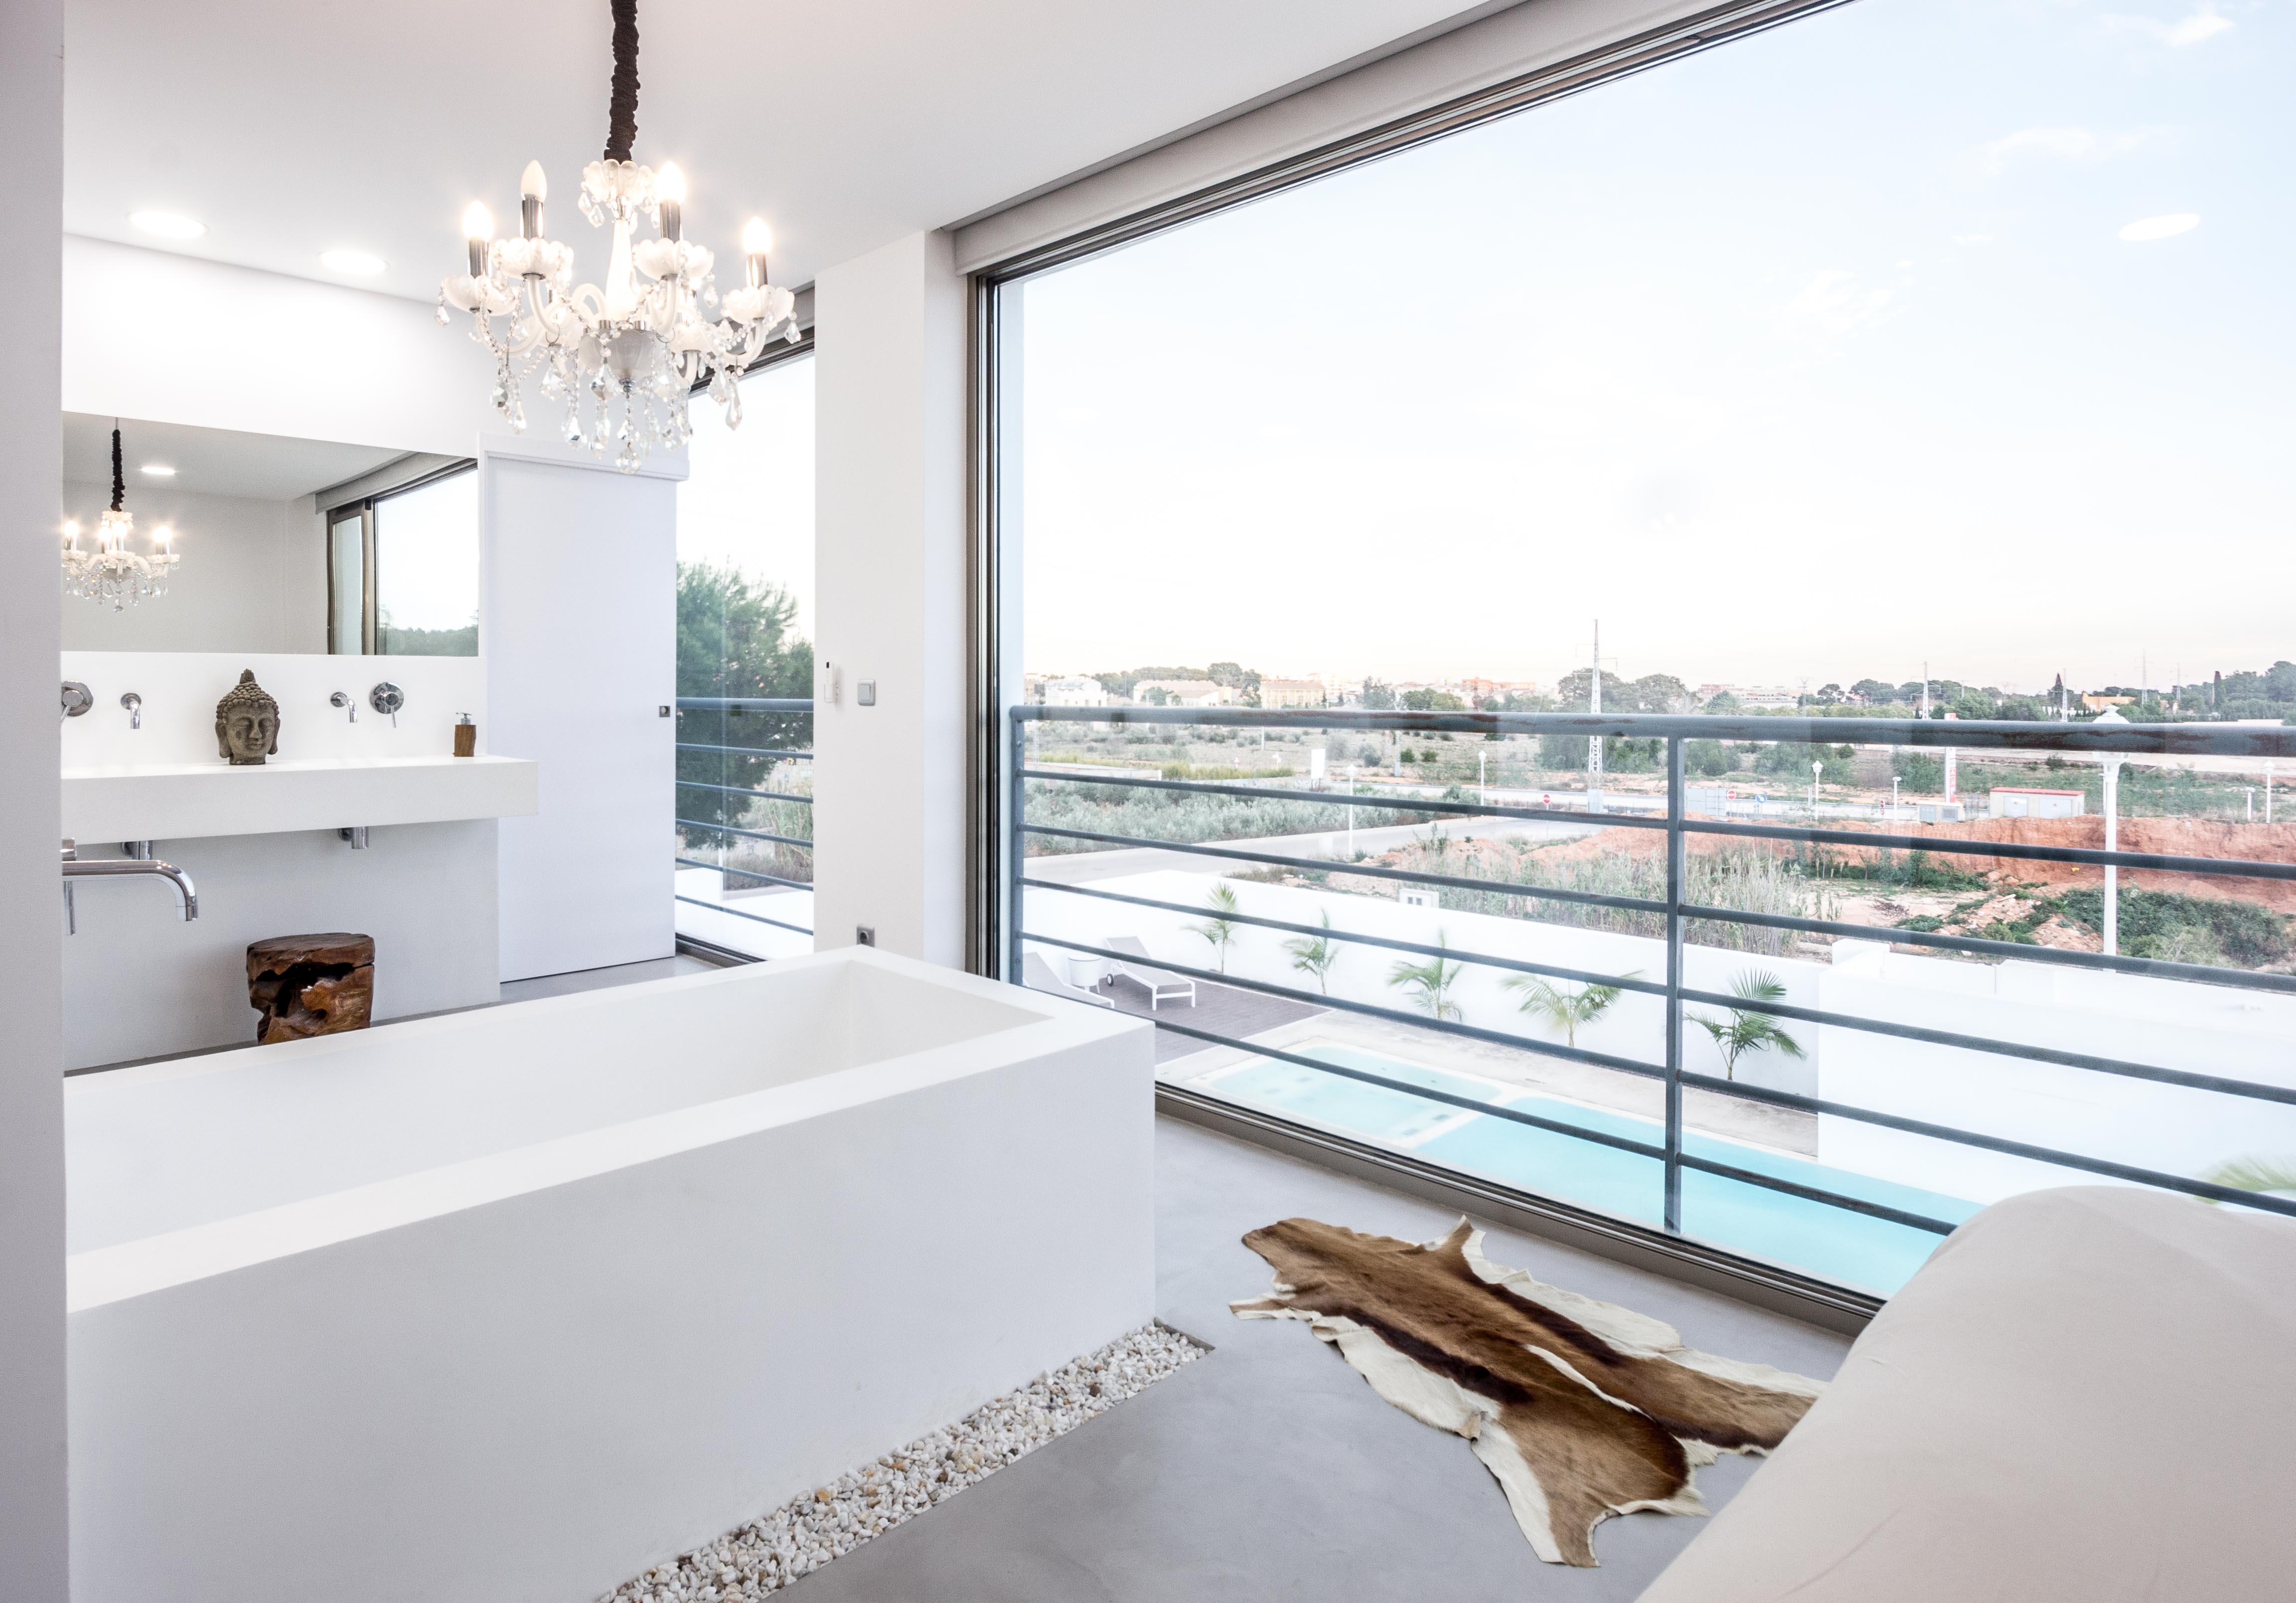 Bañera y lavabo de microcemento blanco en casa cubo mediterranea. Chiralt arquitectos Valencia.